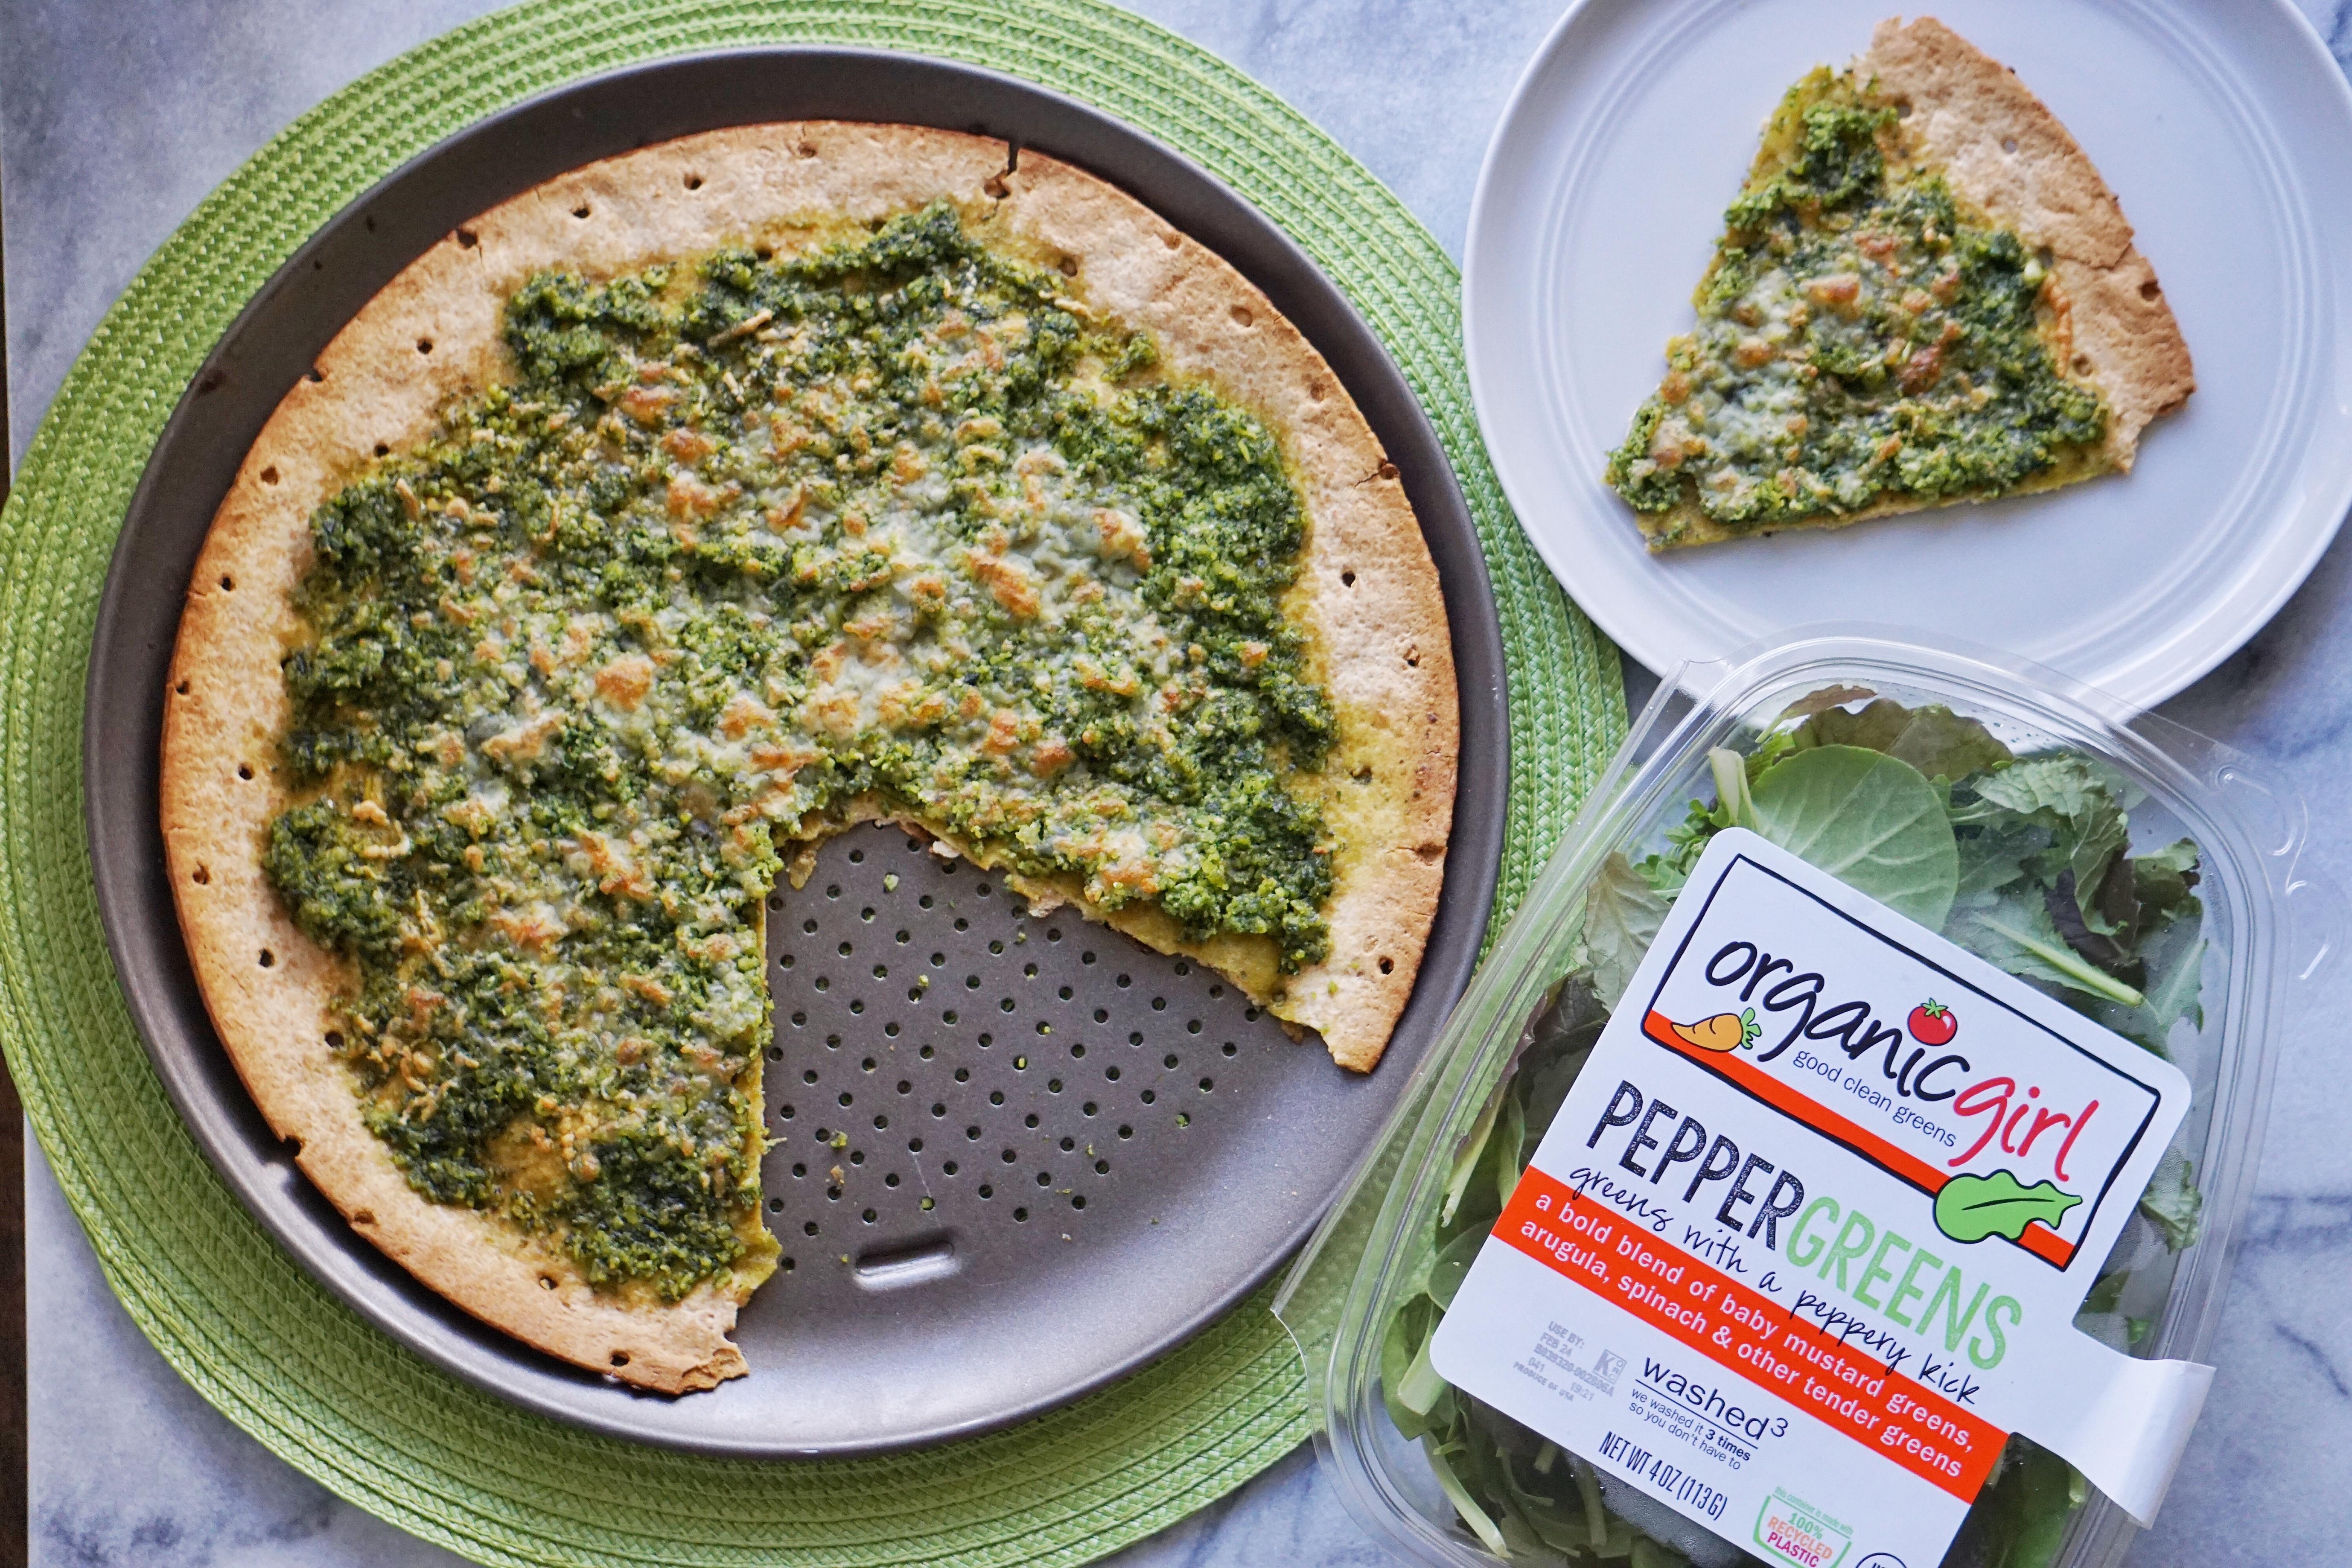 Pesto Pizza Leahs Plate3 - Green Pesto Pizza